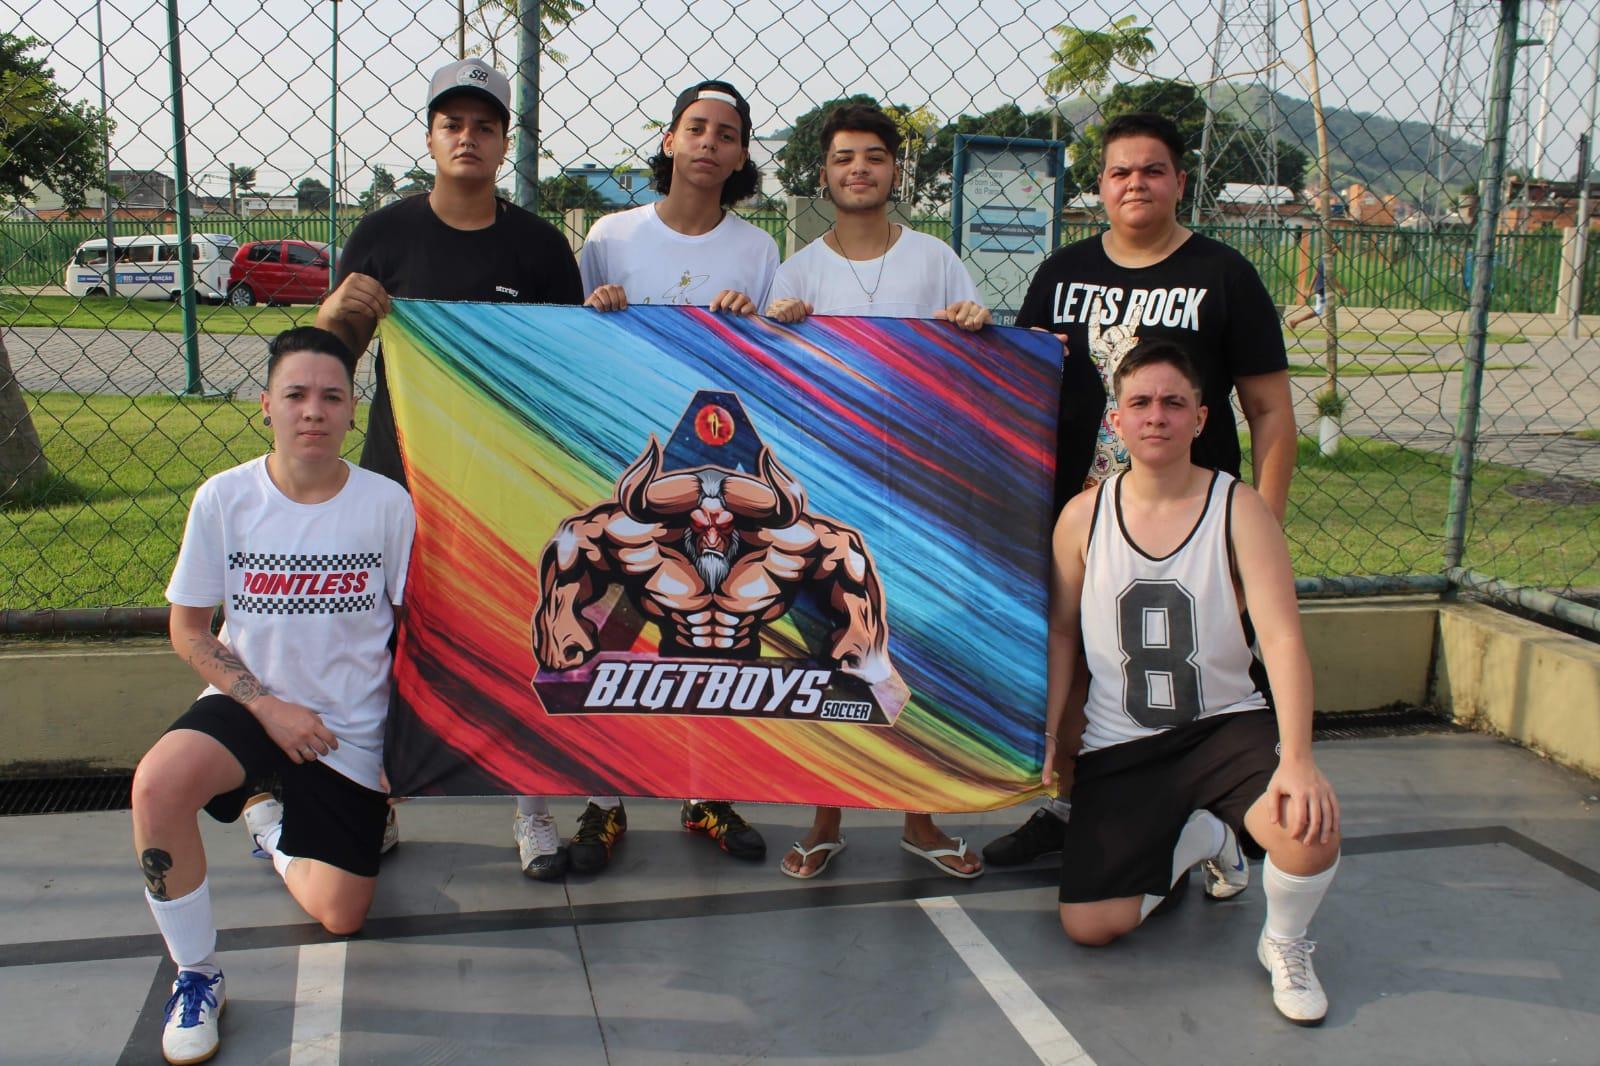 Um grupo de rapazes posa para foto segurando uma bandeira do time, os BigTBoys. A bandeira mostra um personagem musculoso e, por trás dele, as cores do arco-íris.